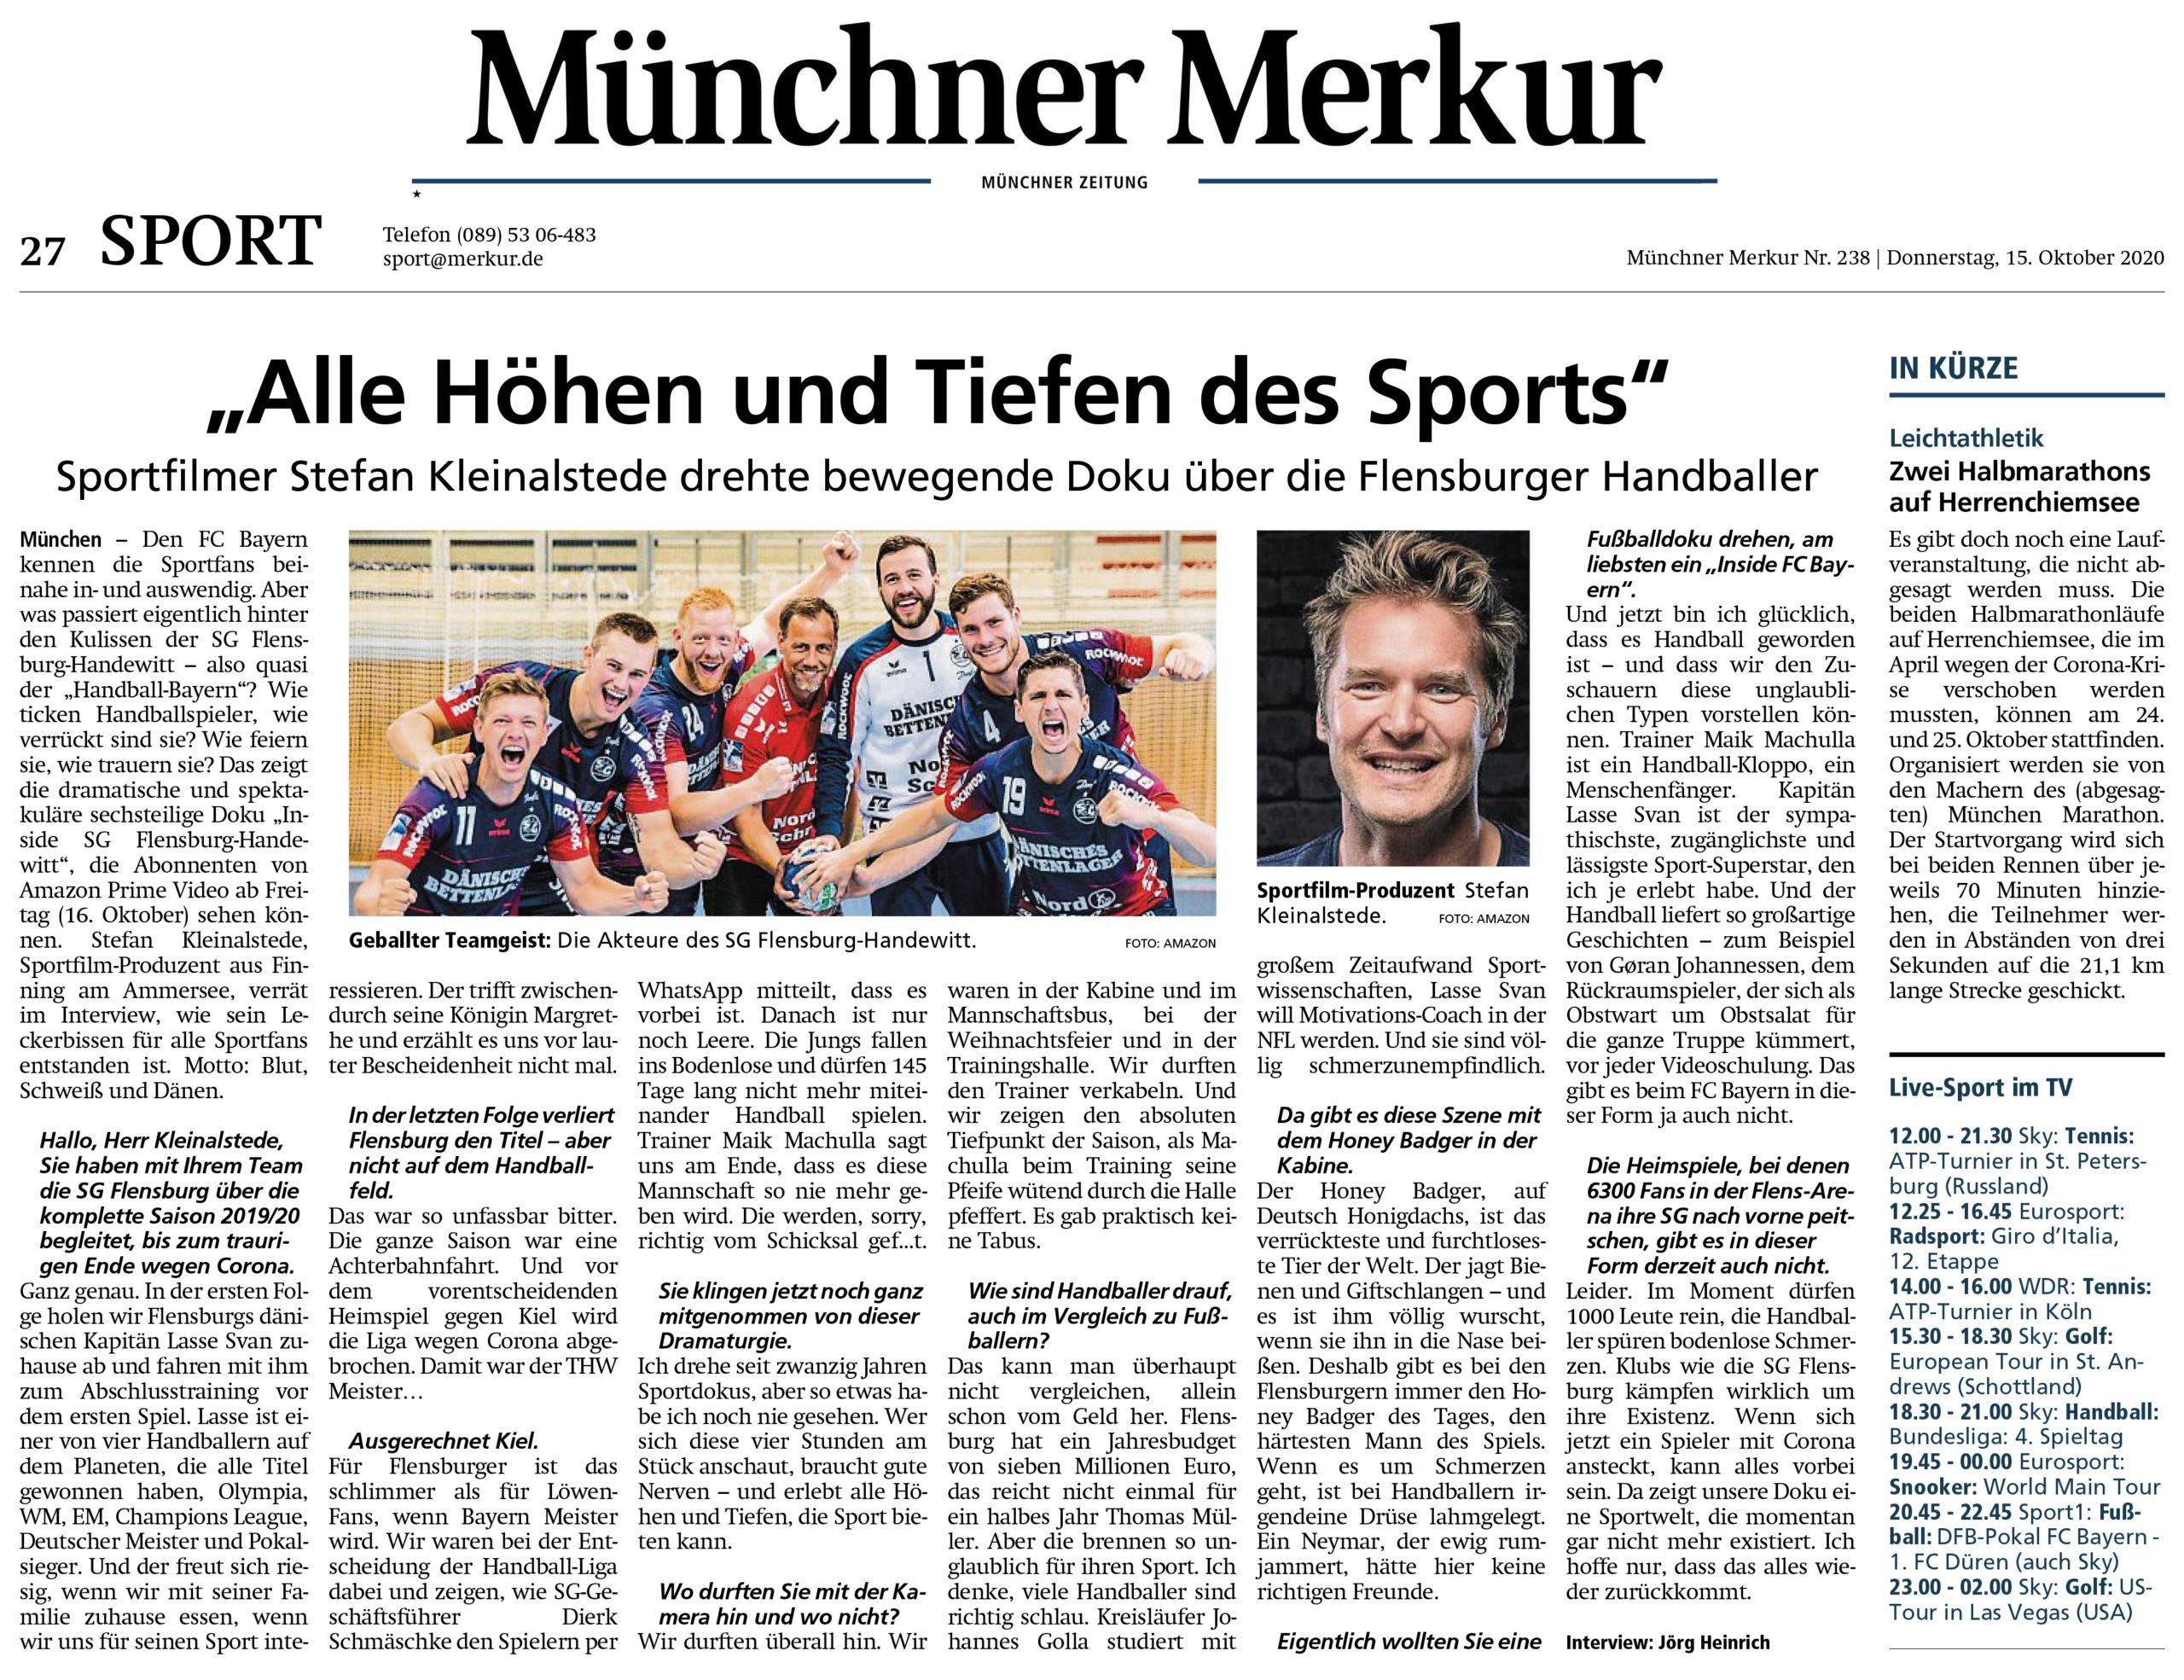 Münchener Merkur - Story Amazon Prime - Inside SG Flensburg